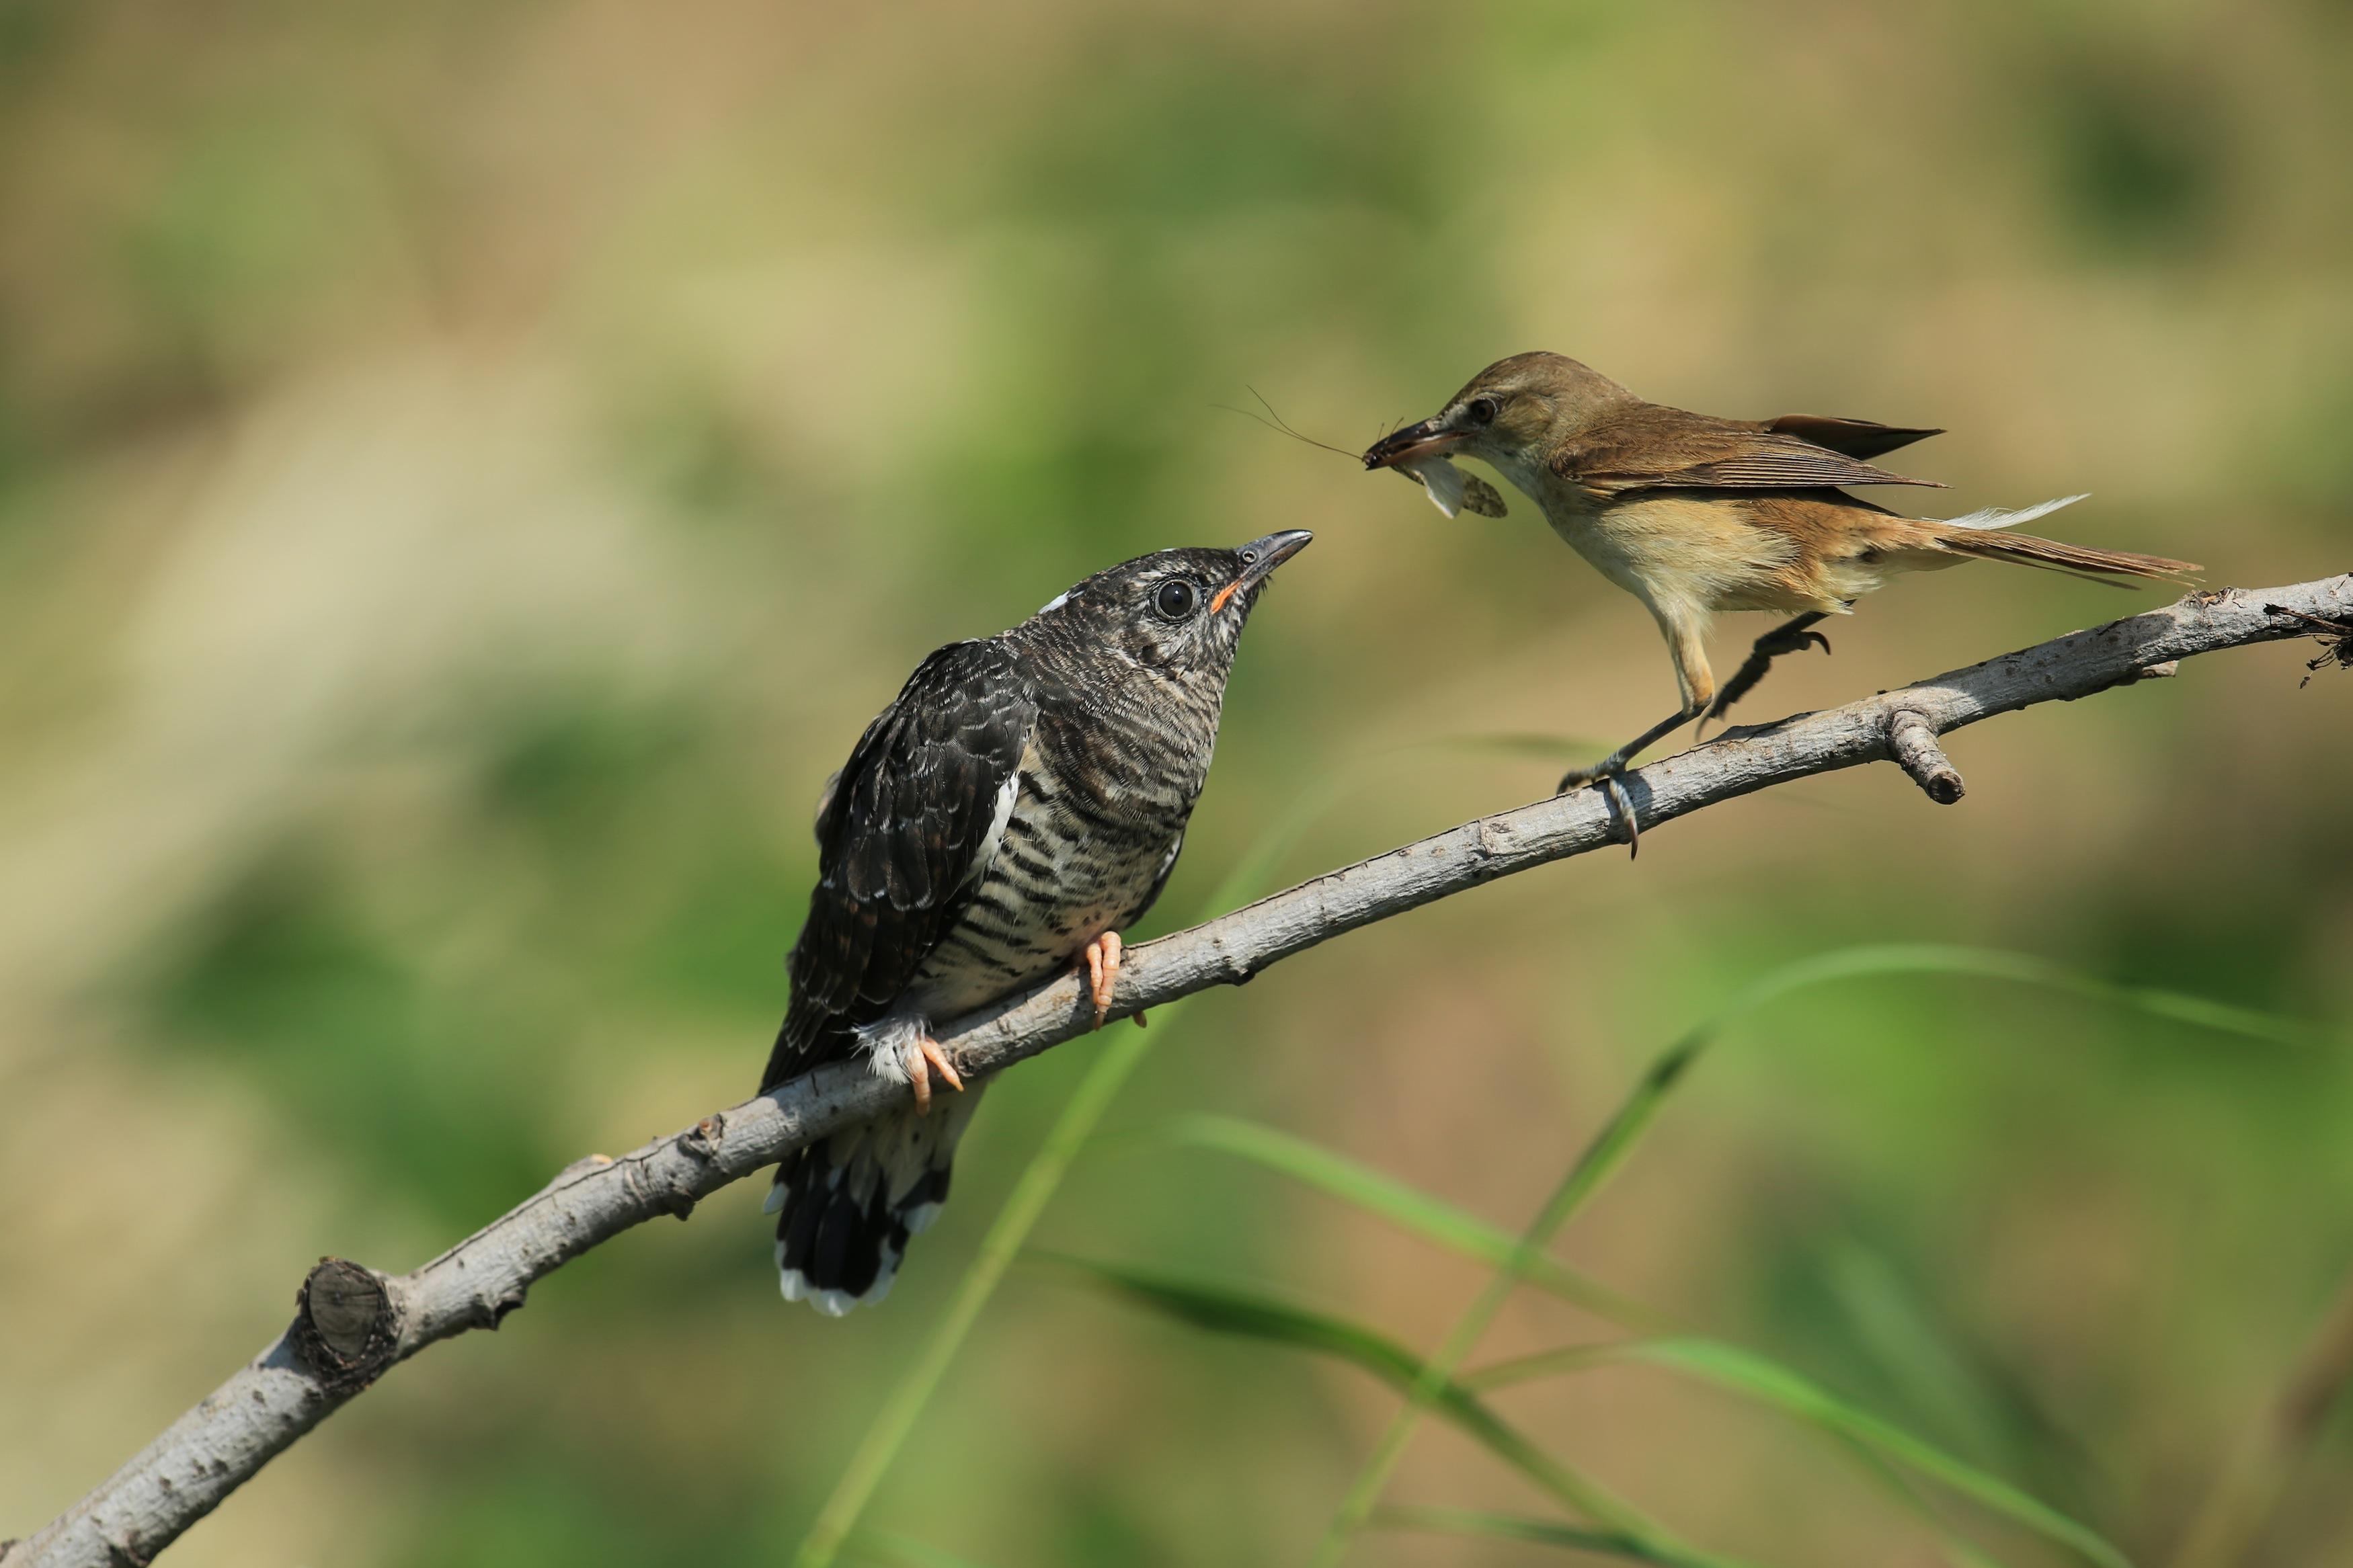 关于动物之间的母爱